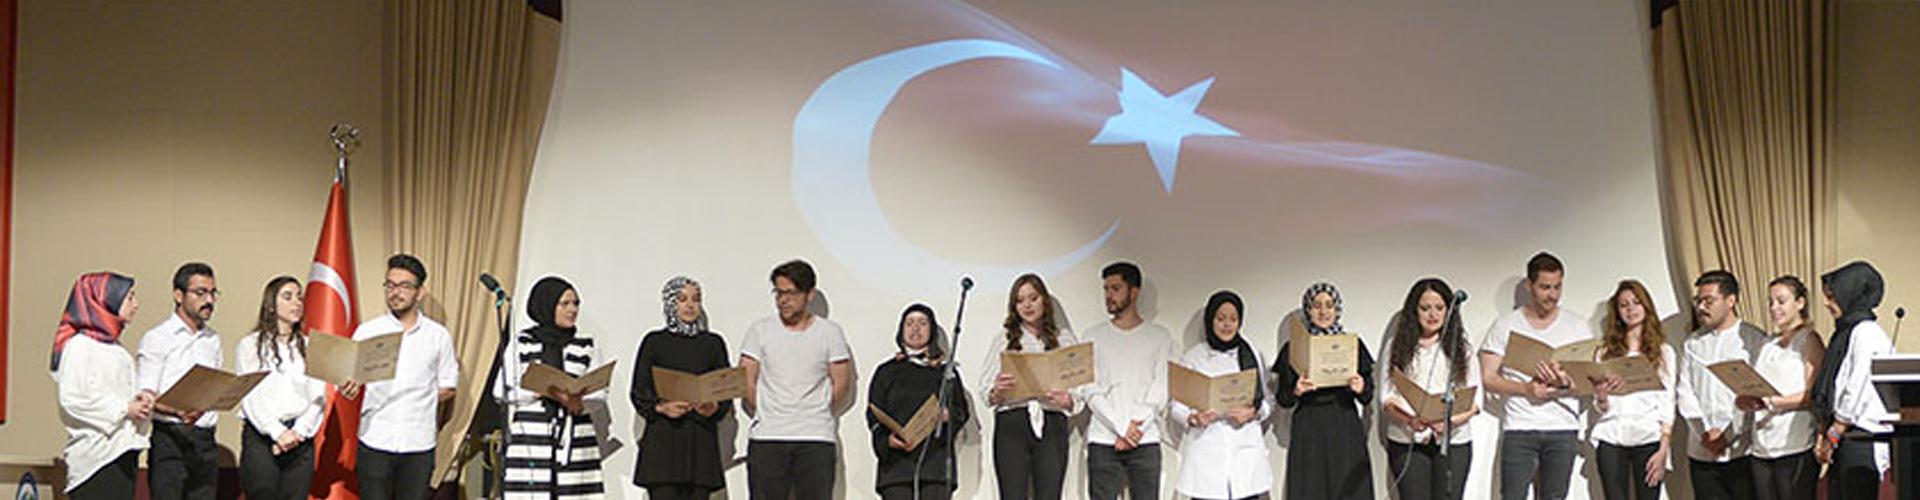 Genç Öğrencilerden Gençlik Bayramı'na Özel Program